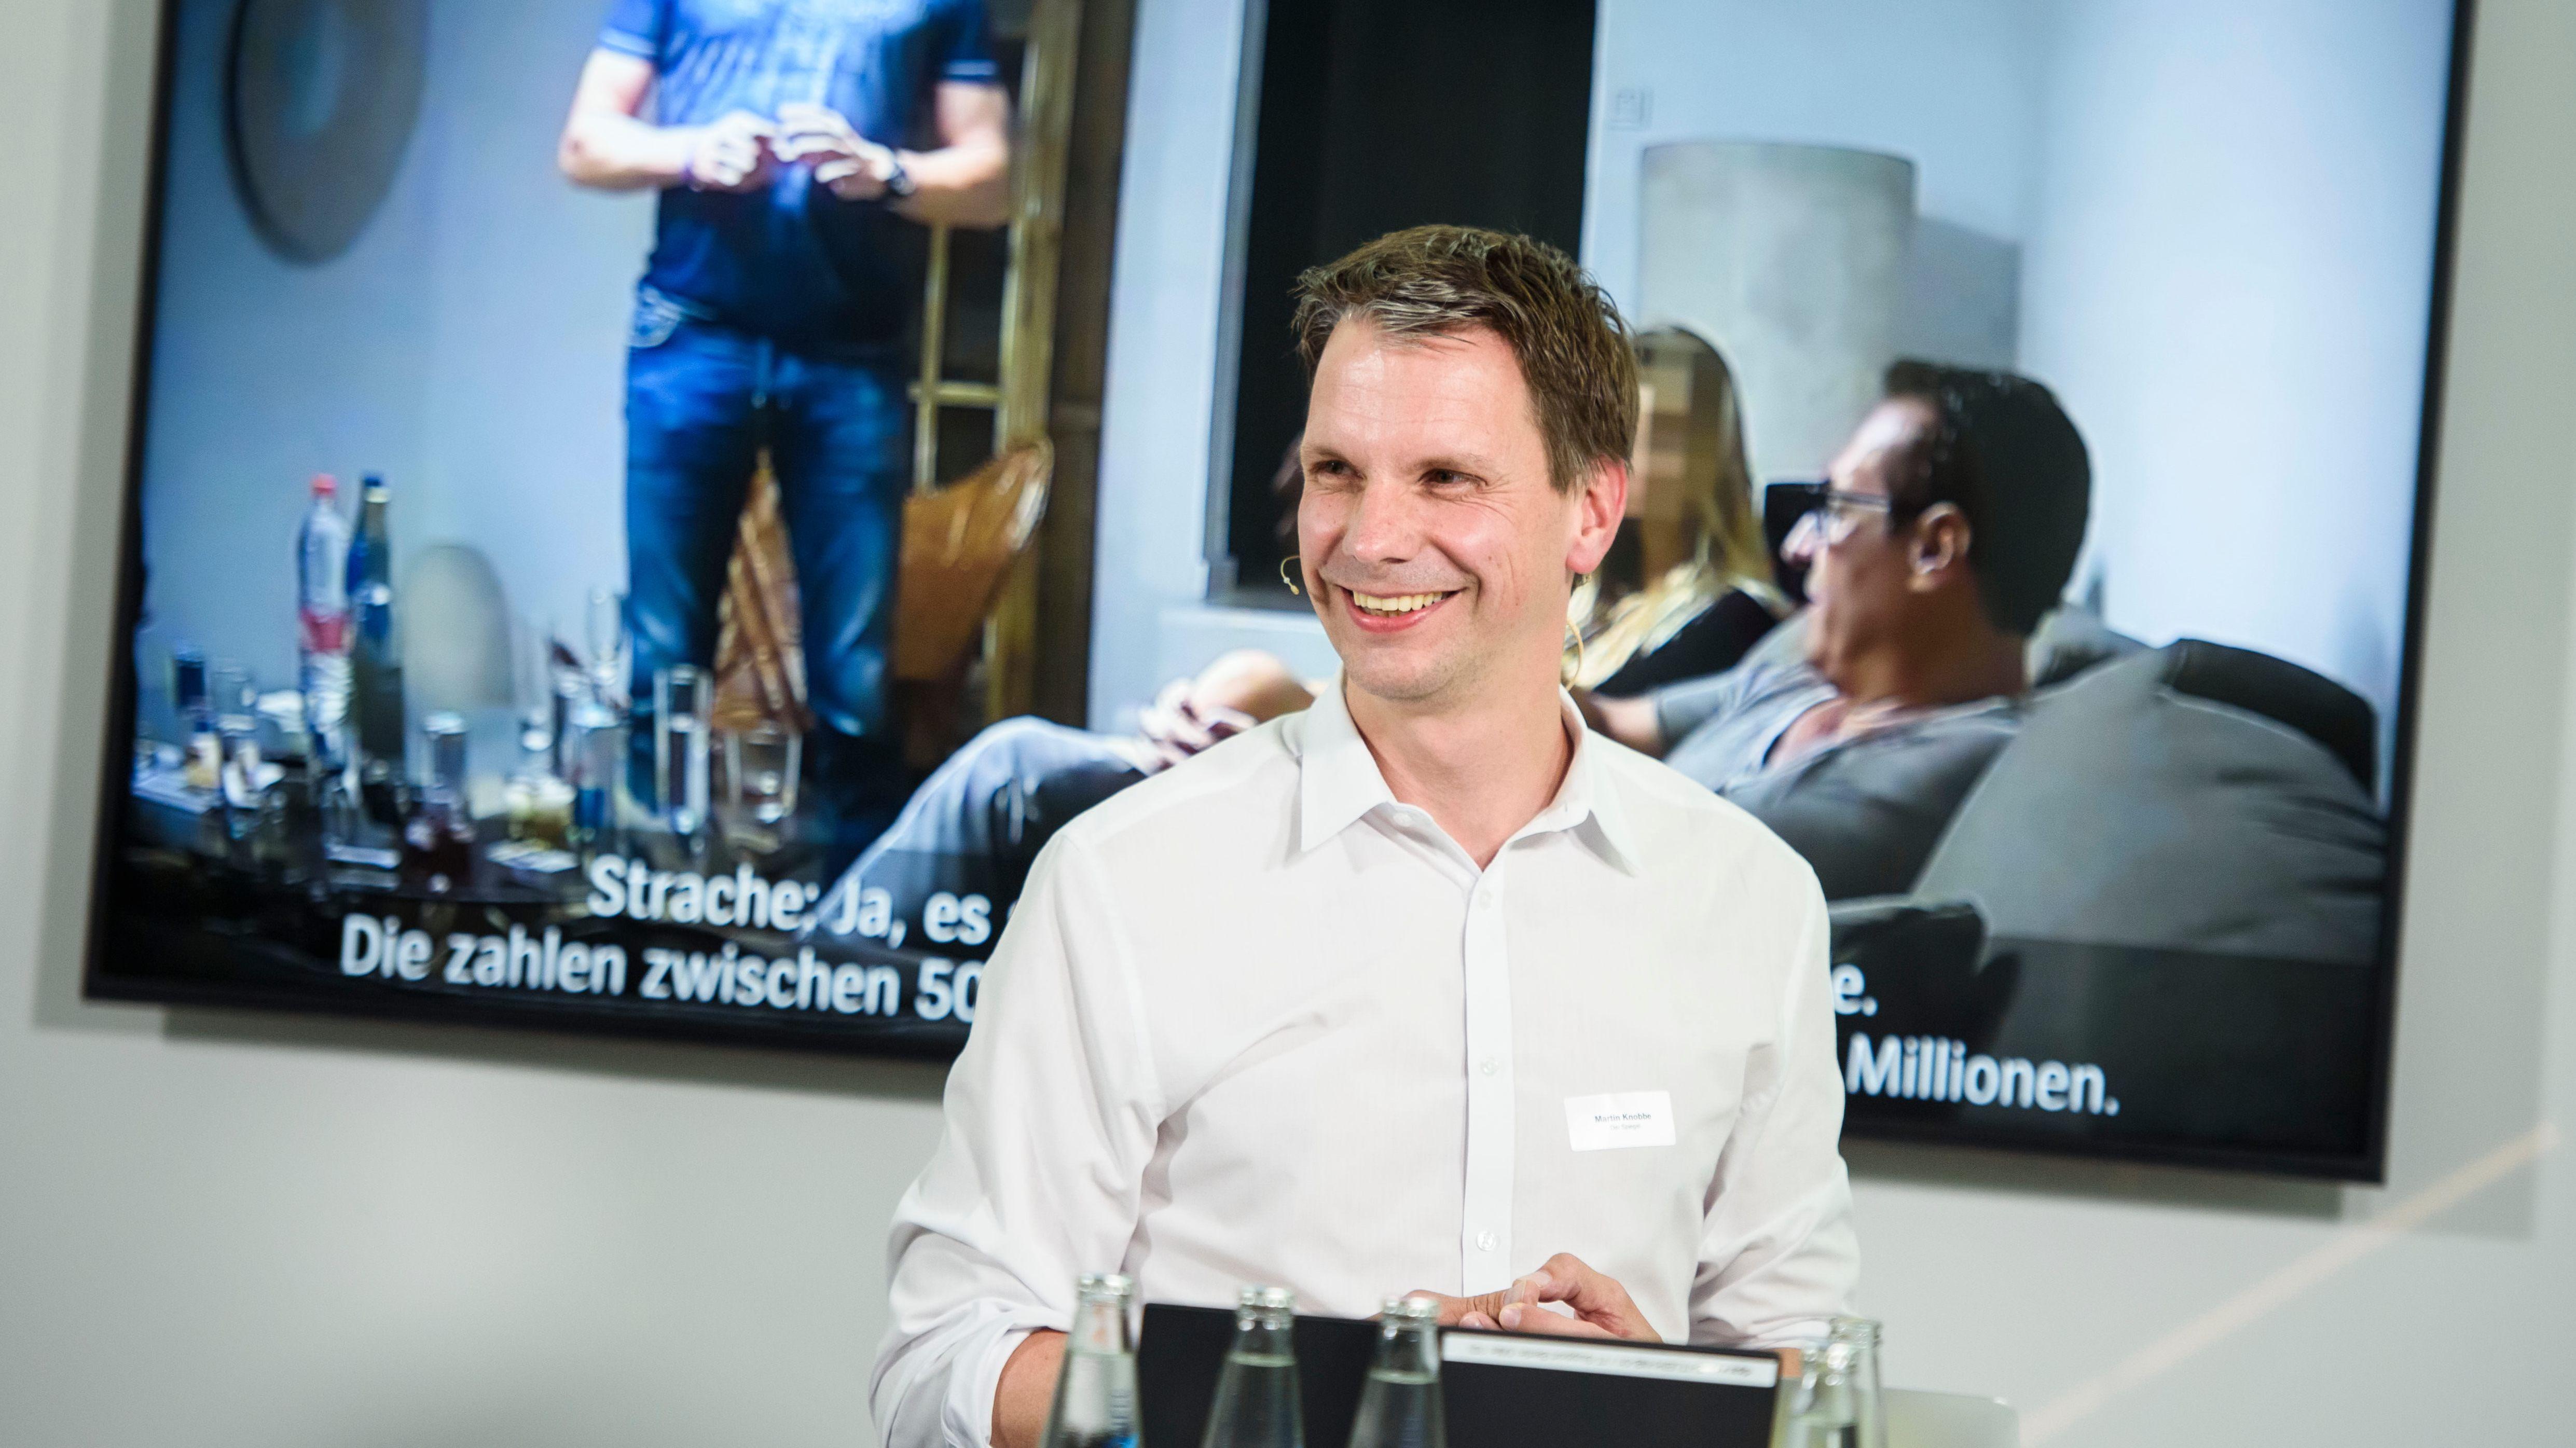 Martin Knobbe, Redakteur beim Spiegel, erläutert die Verifikation des Strache-Ibiza-Videos.